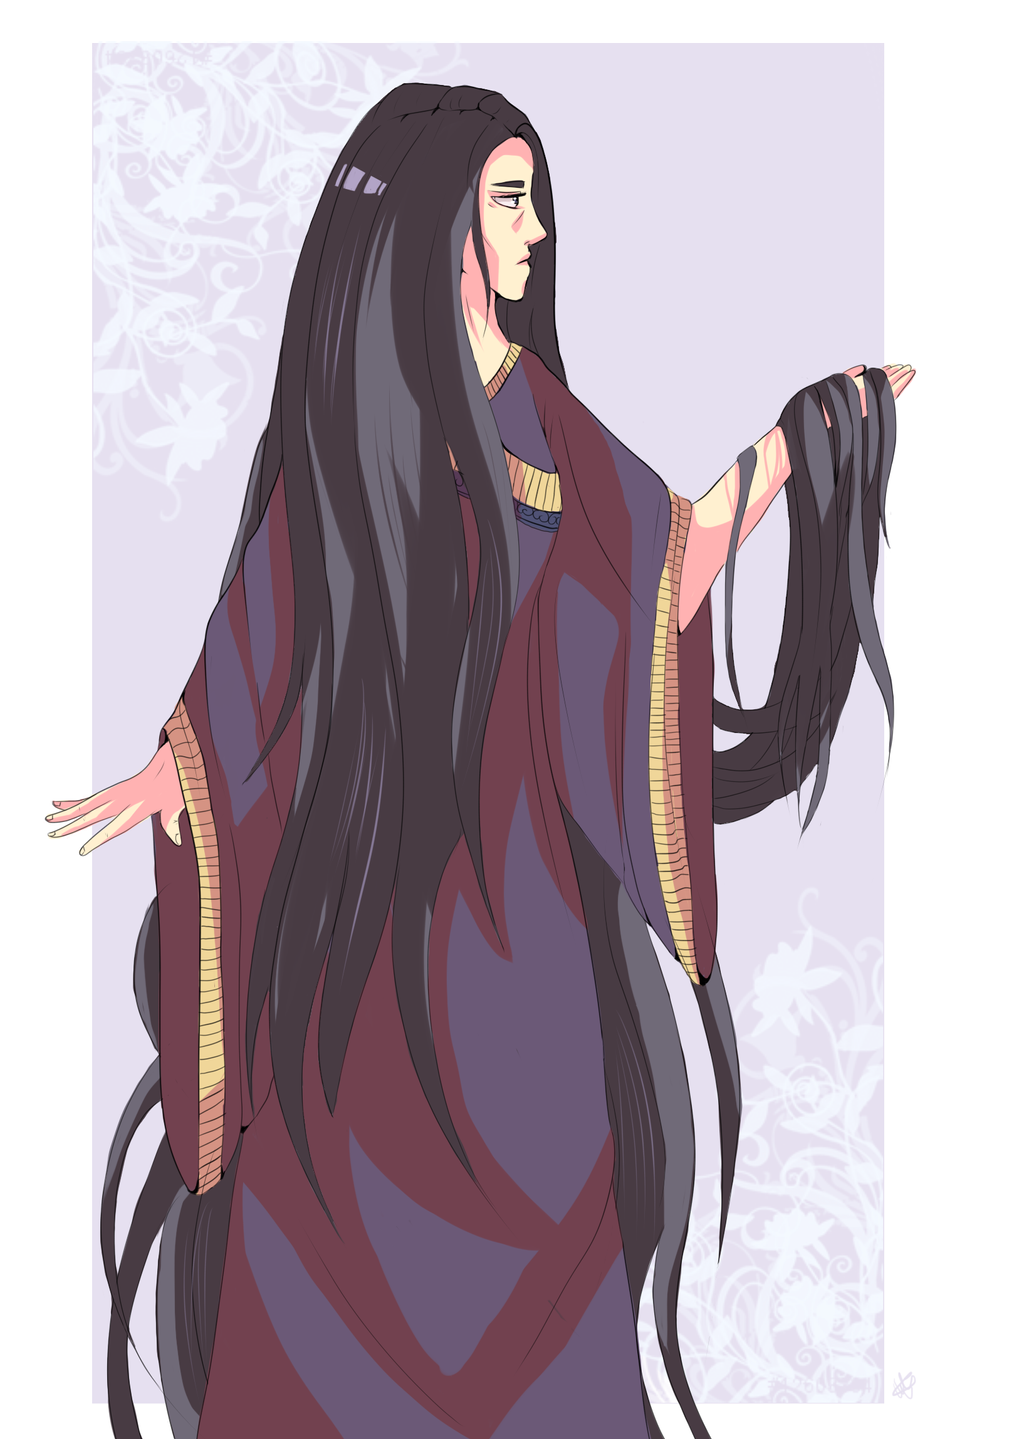 goichiru's oc: The Lady by WyllowDow